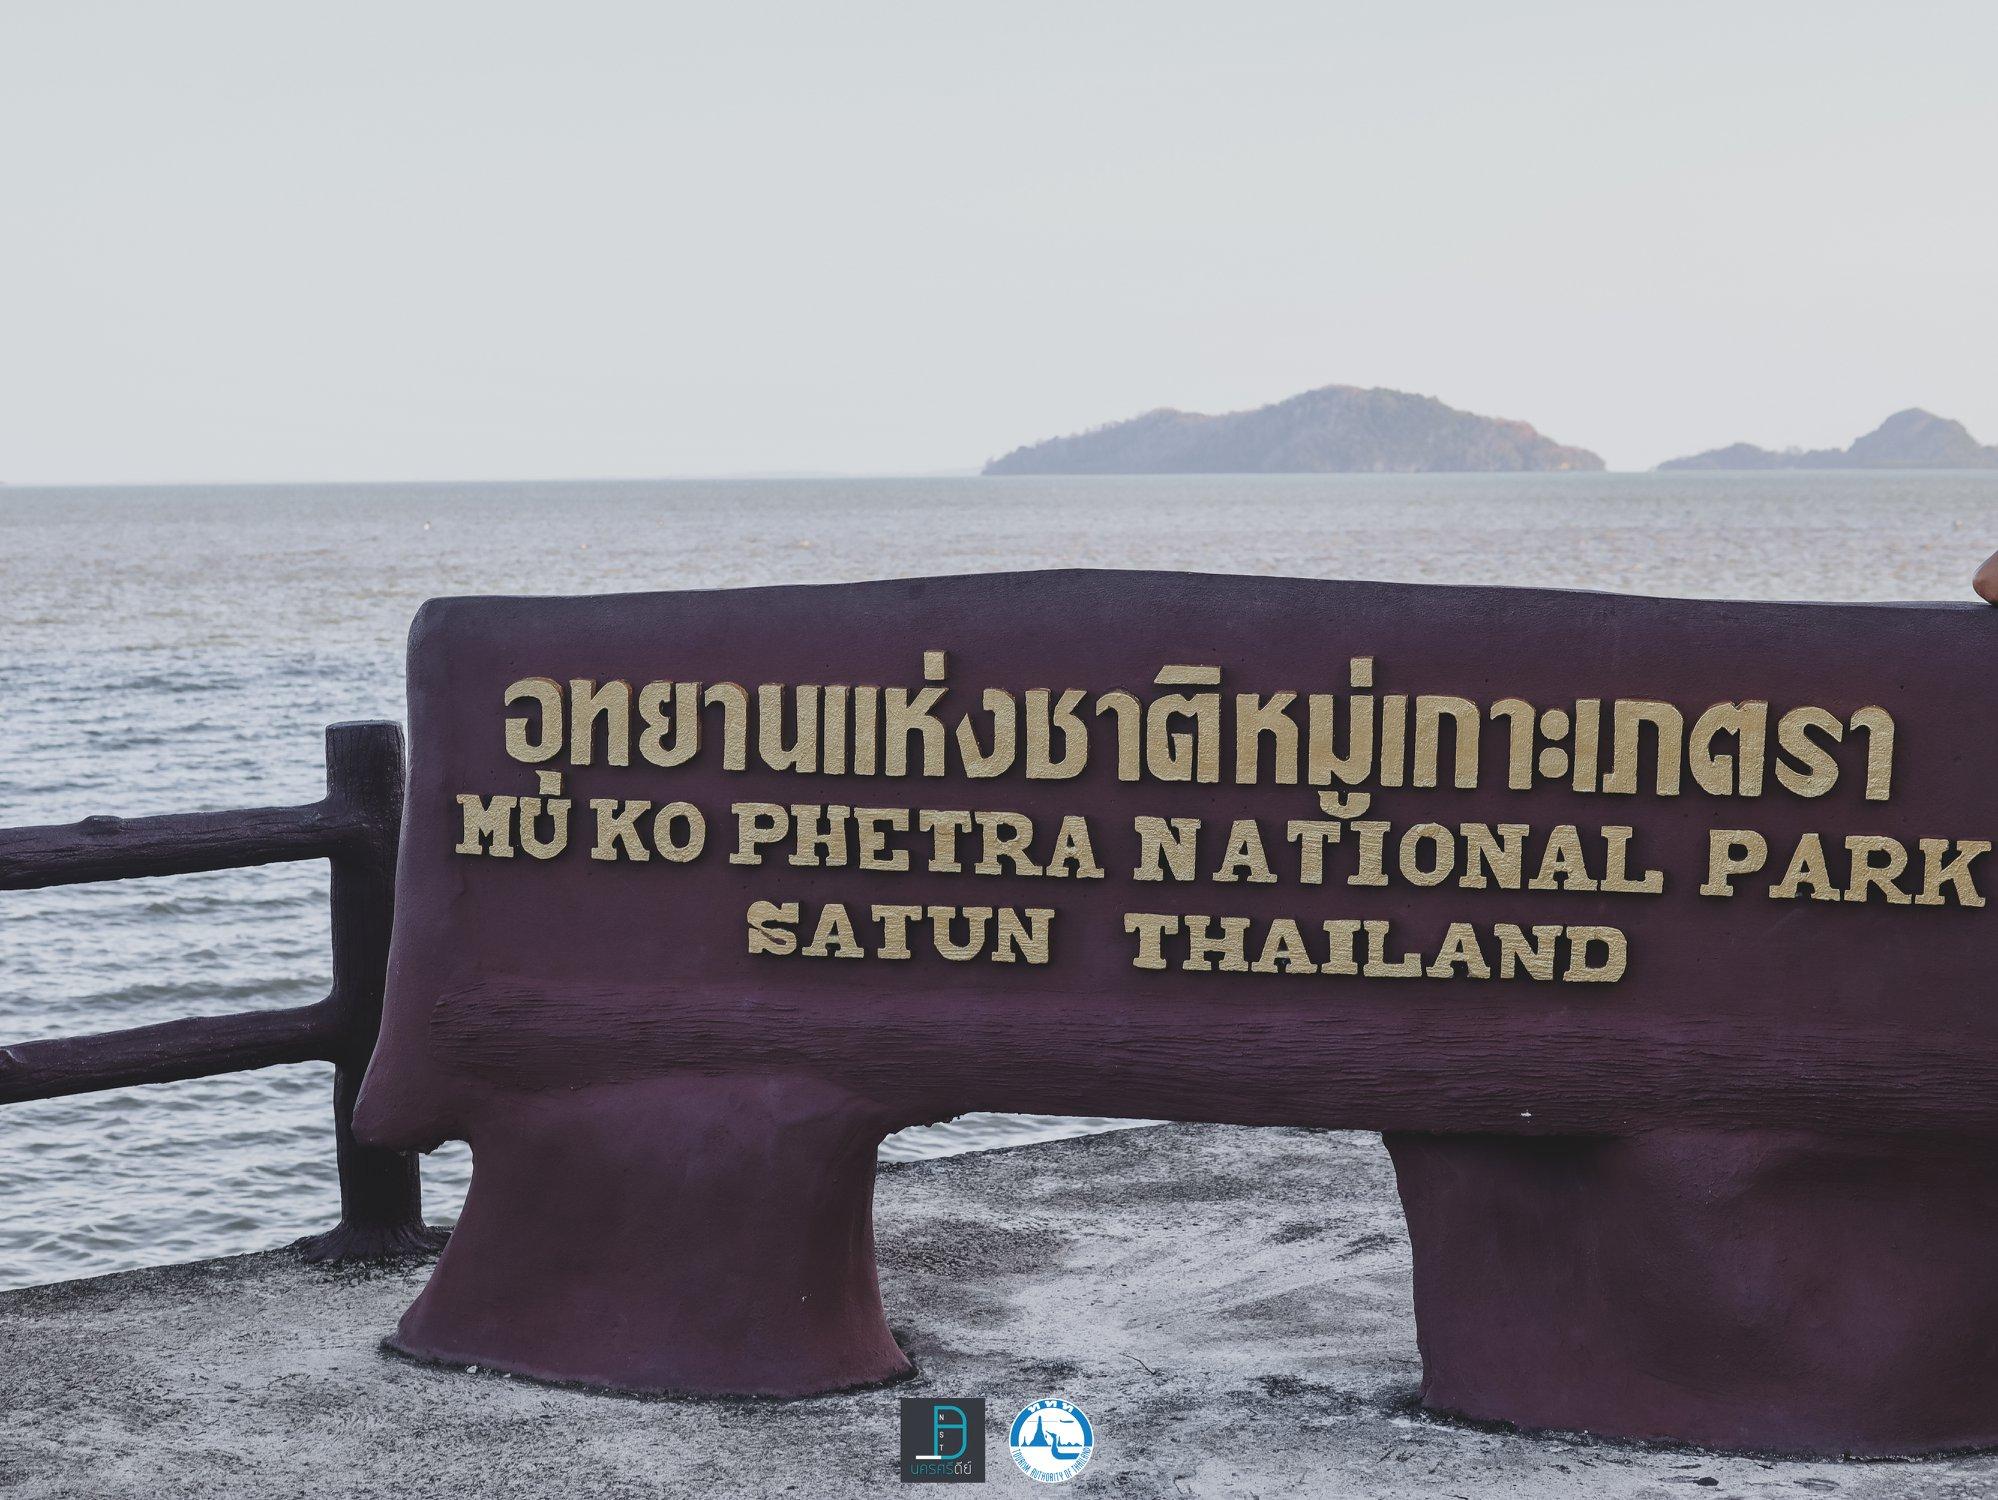 1.-เริ่มกันเลยกับจุดแรก-อุทยานแห่งชาติหมู่เกาะเภตรา-ขอบอกว่าสวยงดงามจริงๆ-เป็นสถานที่ท่องเที่ยวที่เป็นสะพานไม้เดินชิวๆ-ริมทะเล-มีวิวเป็นเกาะ-โขดหินสวยๆ สตูล,แหล่งท่องเที่ยว,จุดเช็คอิน,ของกิน,คาเฟ่,ทะเล,ภูเขา